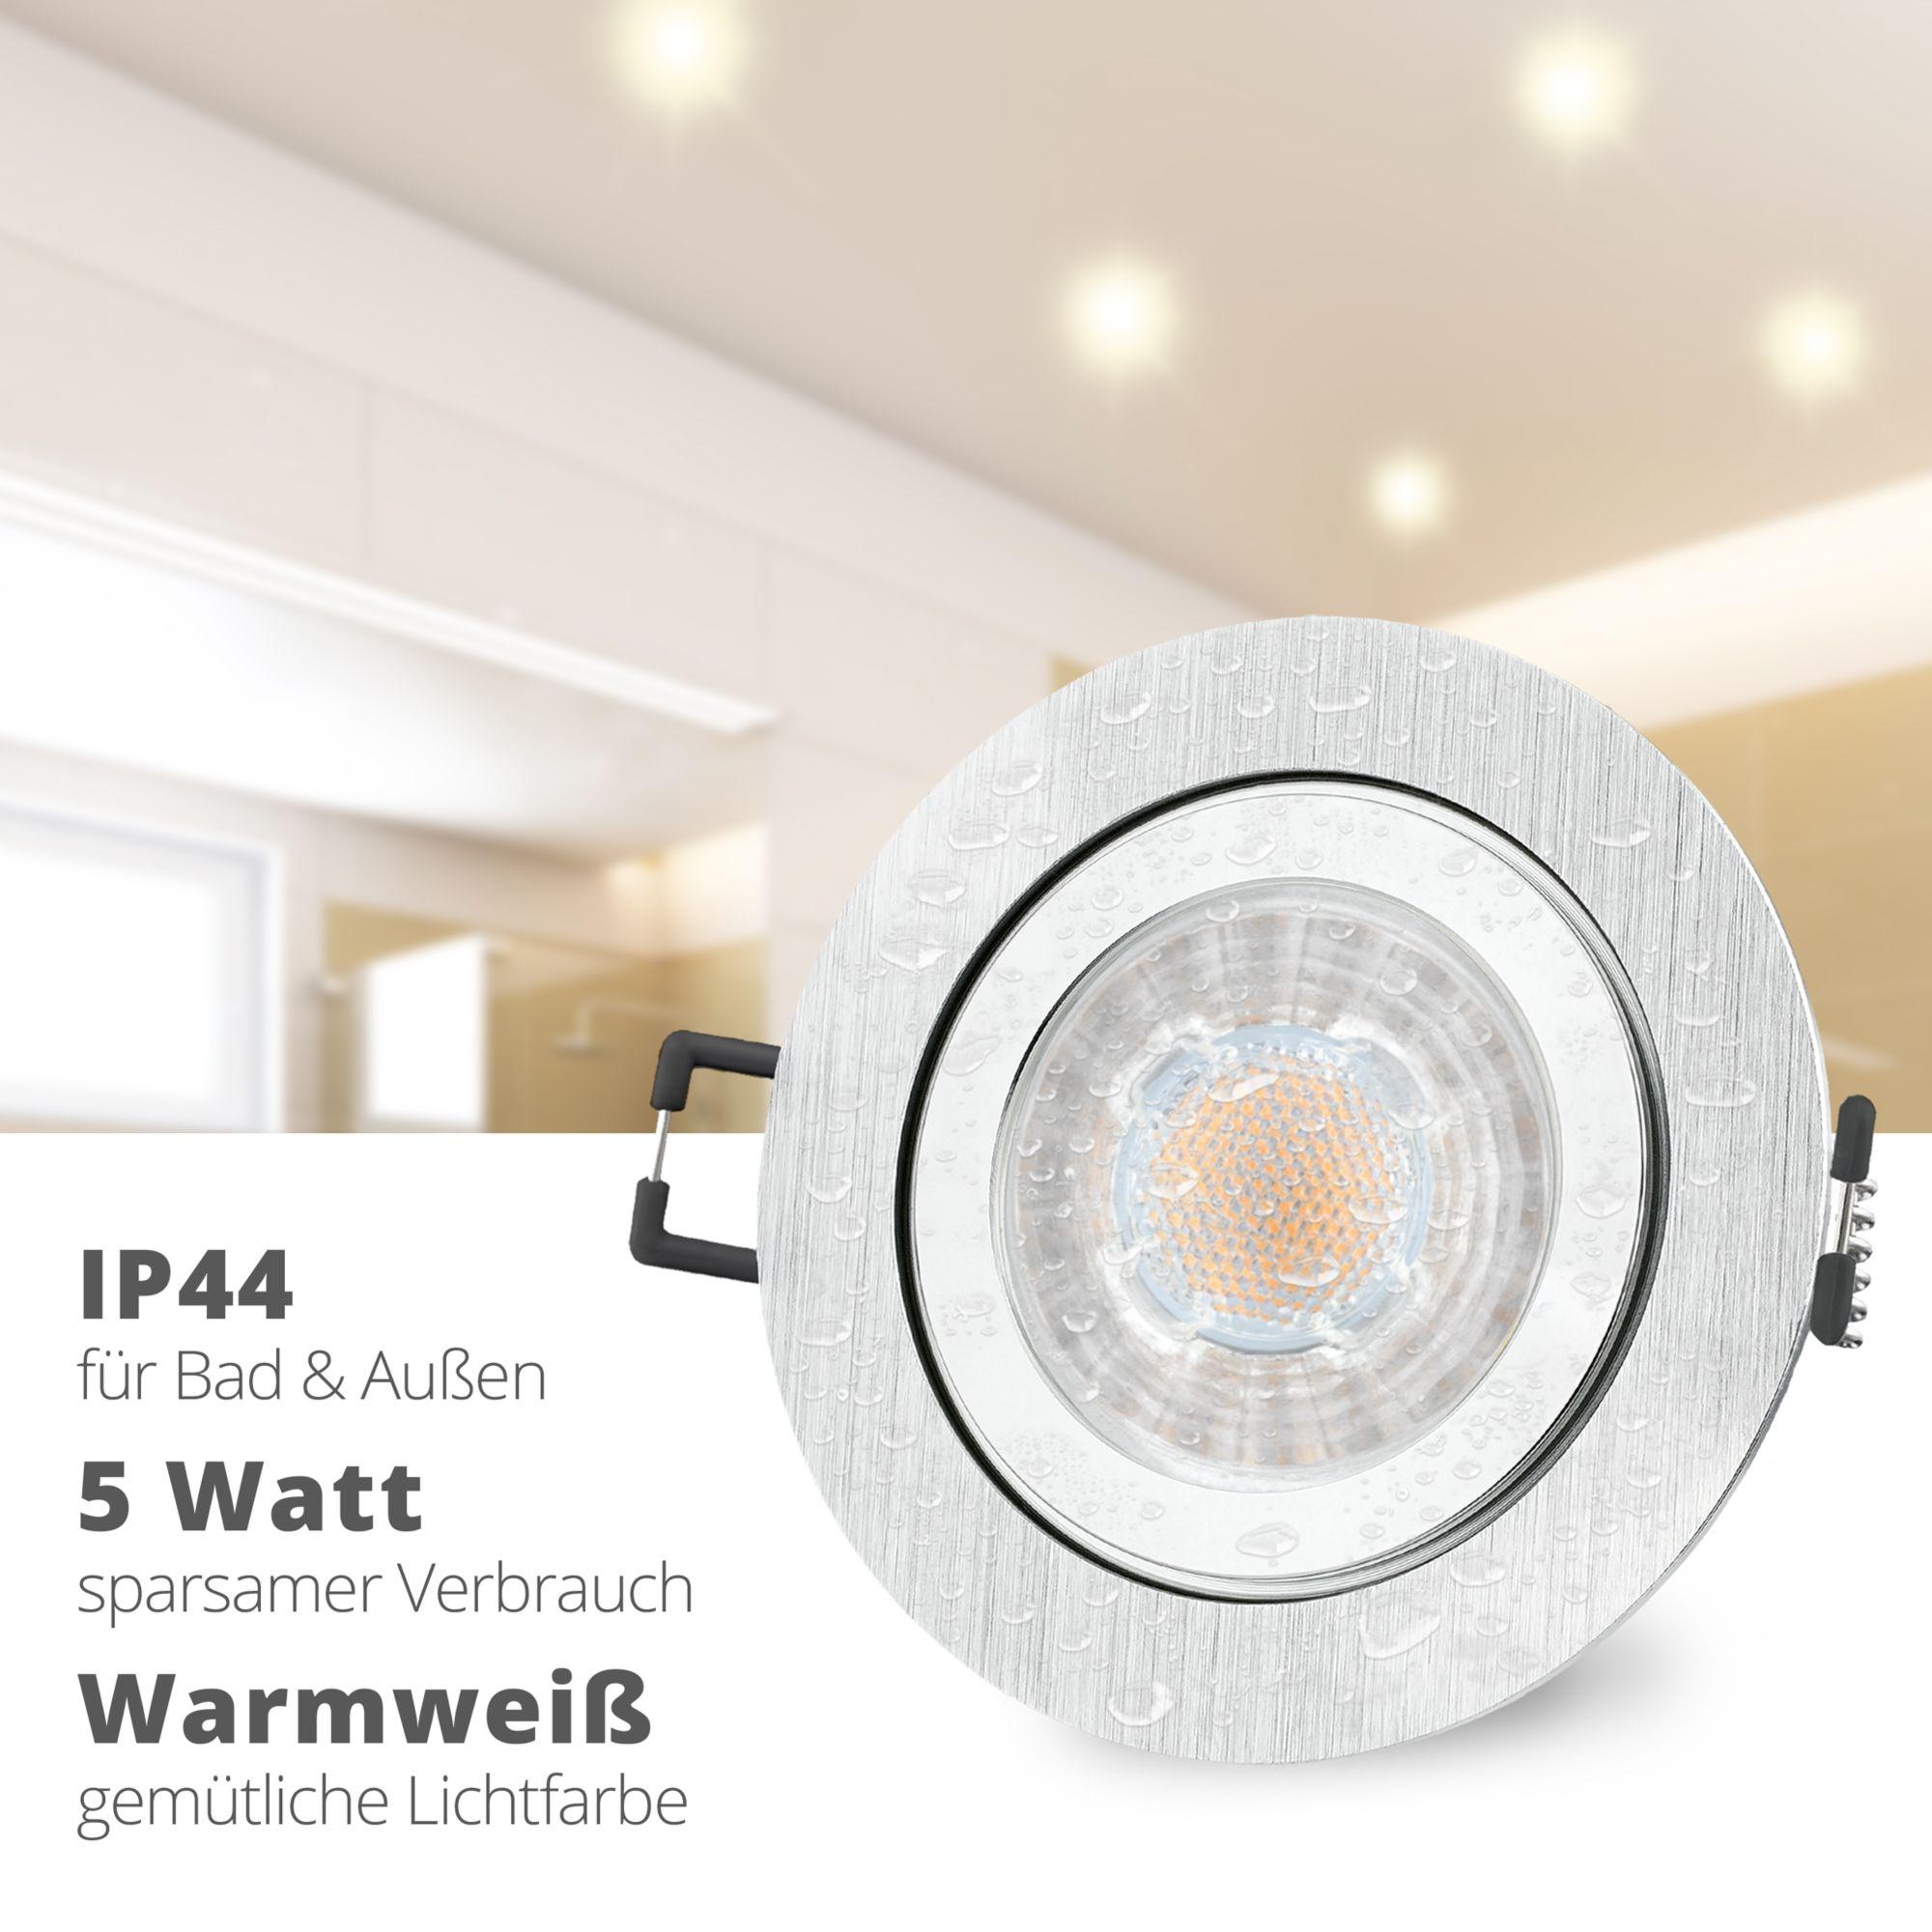 Ip44 Led Einbaustrahler Set Extra Flach 35mm In Weiss Mit Led Markenleuchtmittel Von Ledando 6w D Led Einbaustrahler Einbaustrahler Led